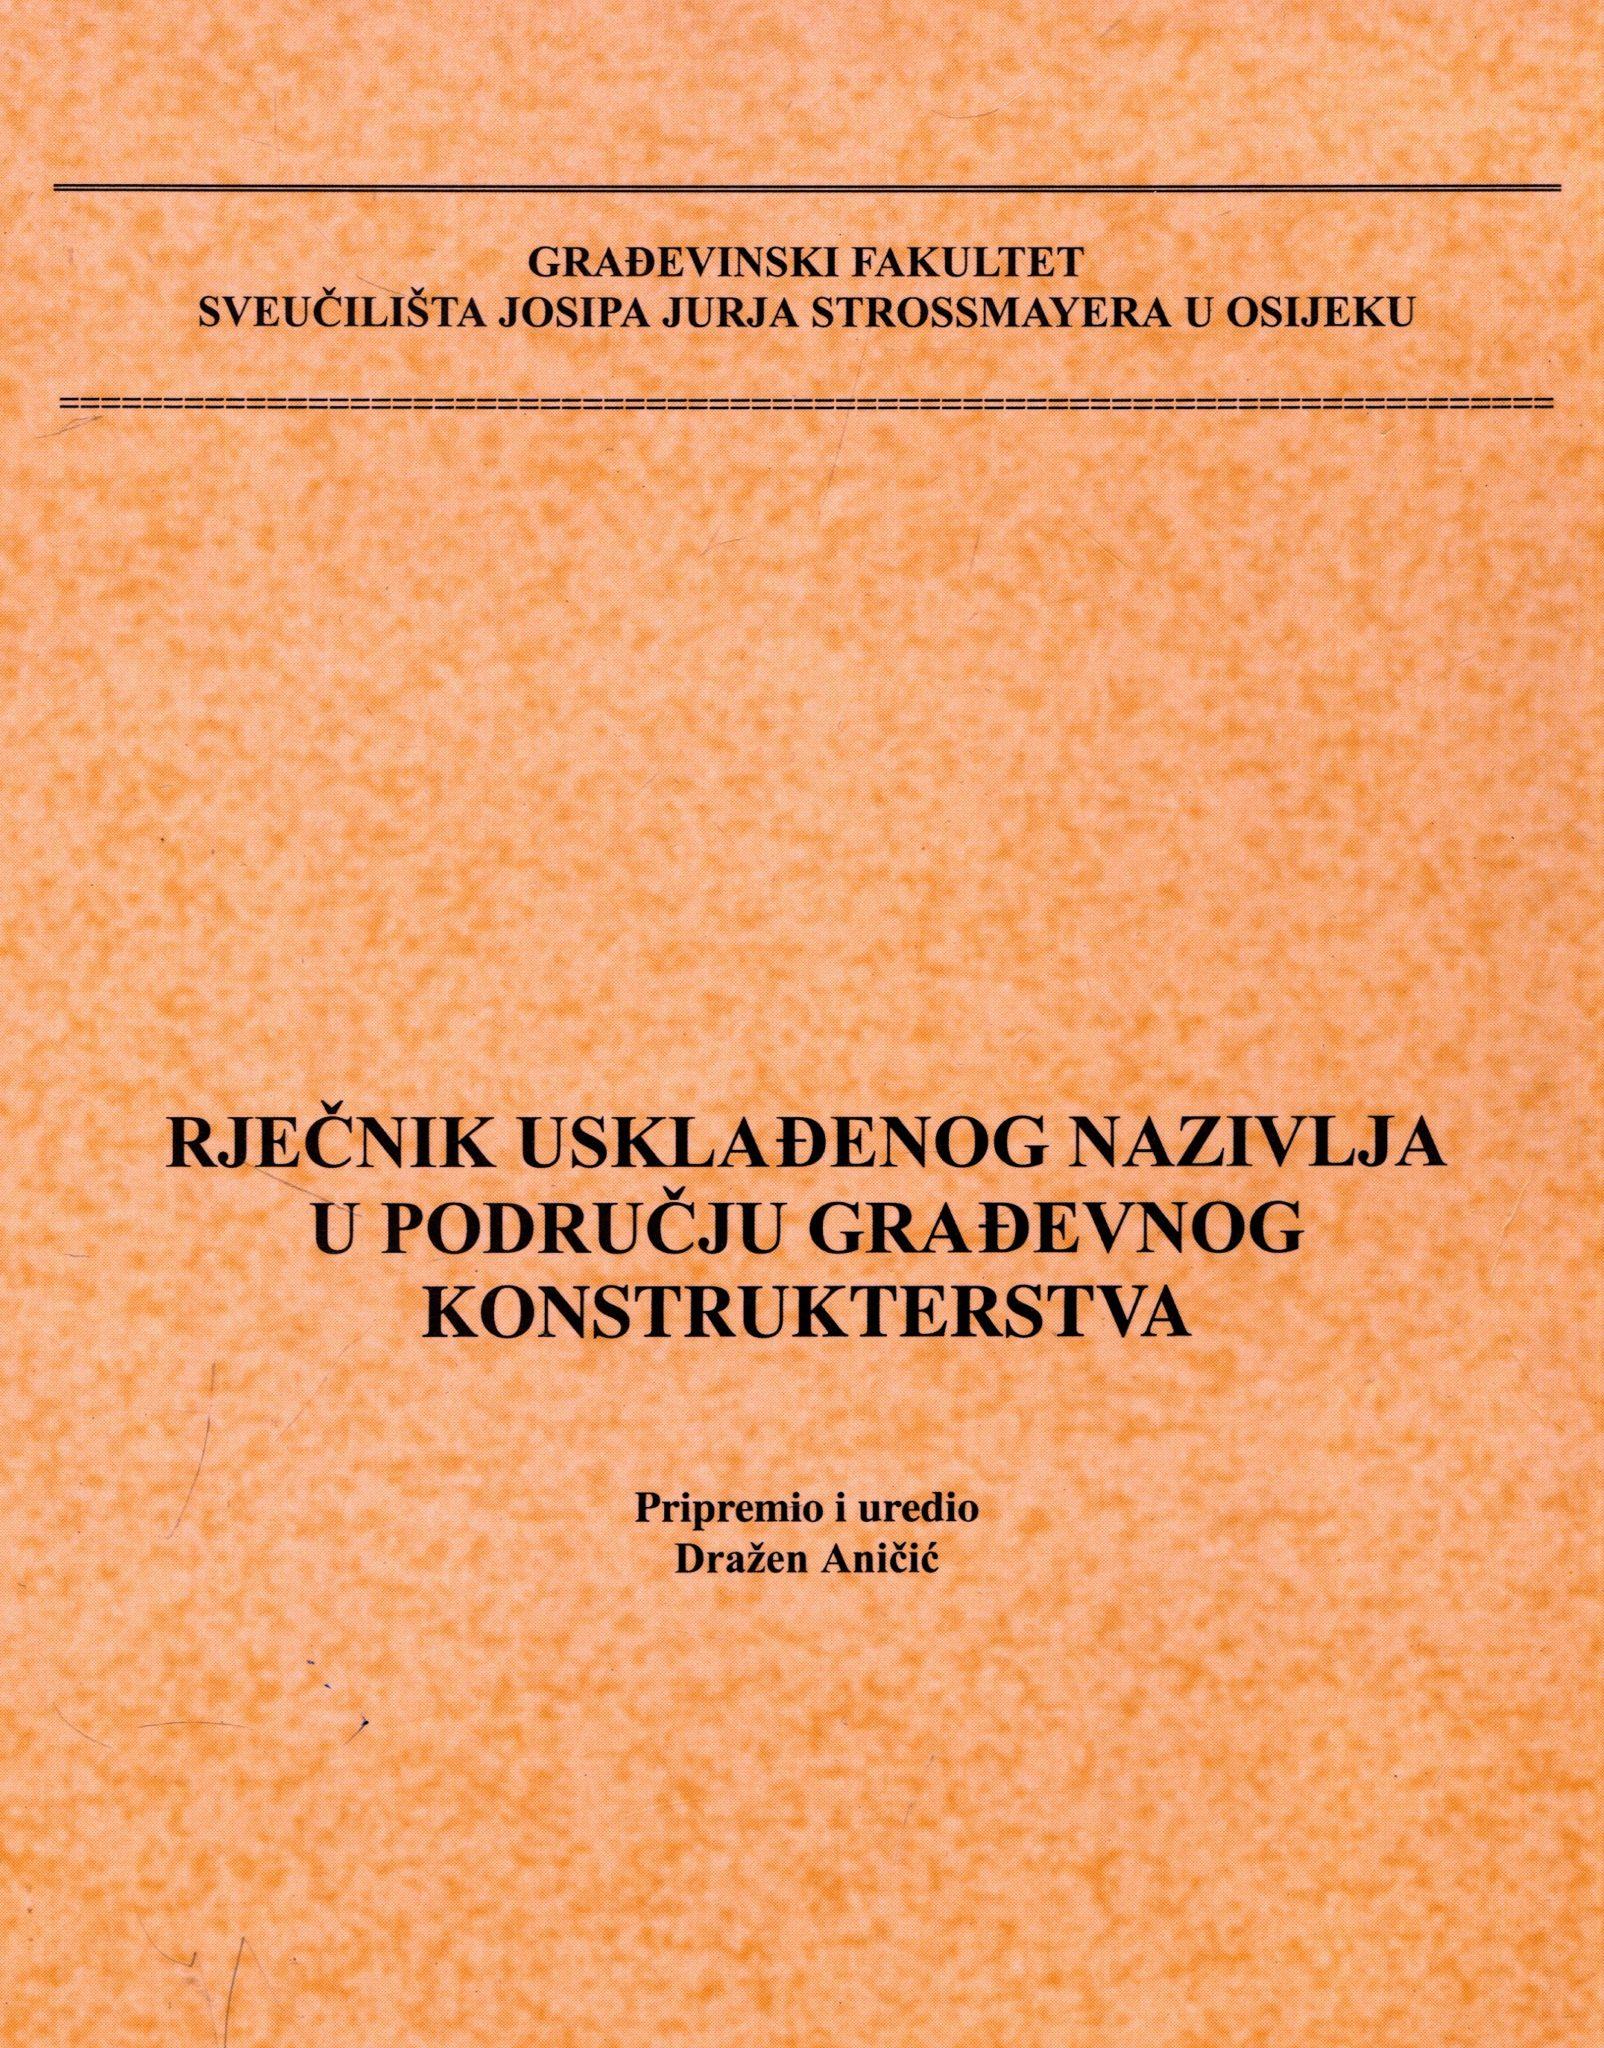 Dražen Aničić - Rječnik usklađenog nazivlja u području građevnog konstrukterstva